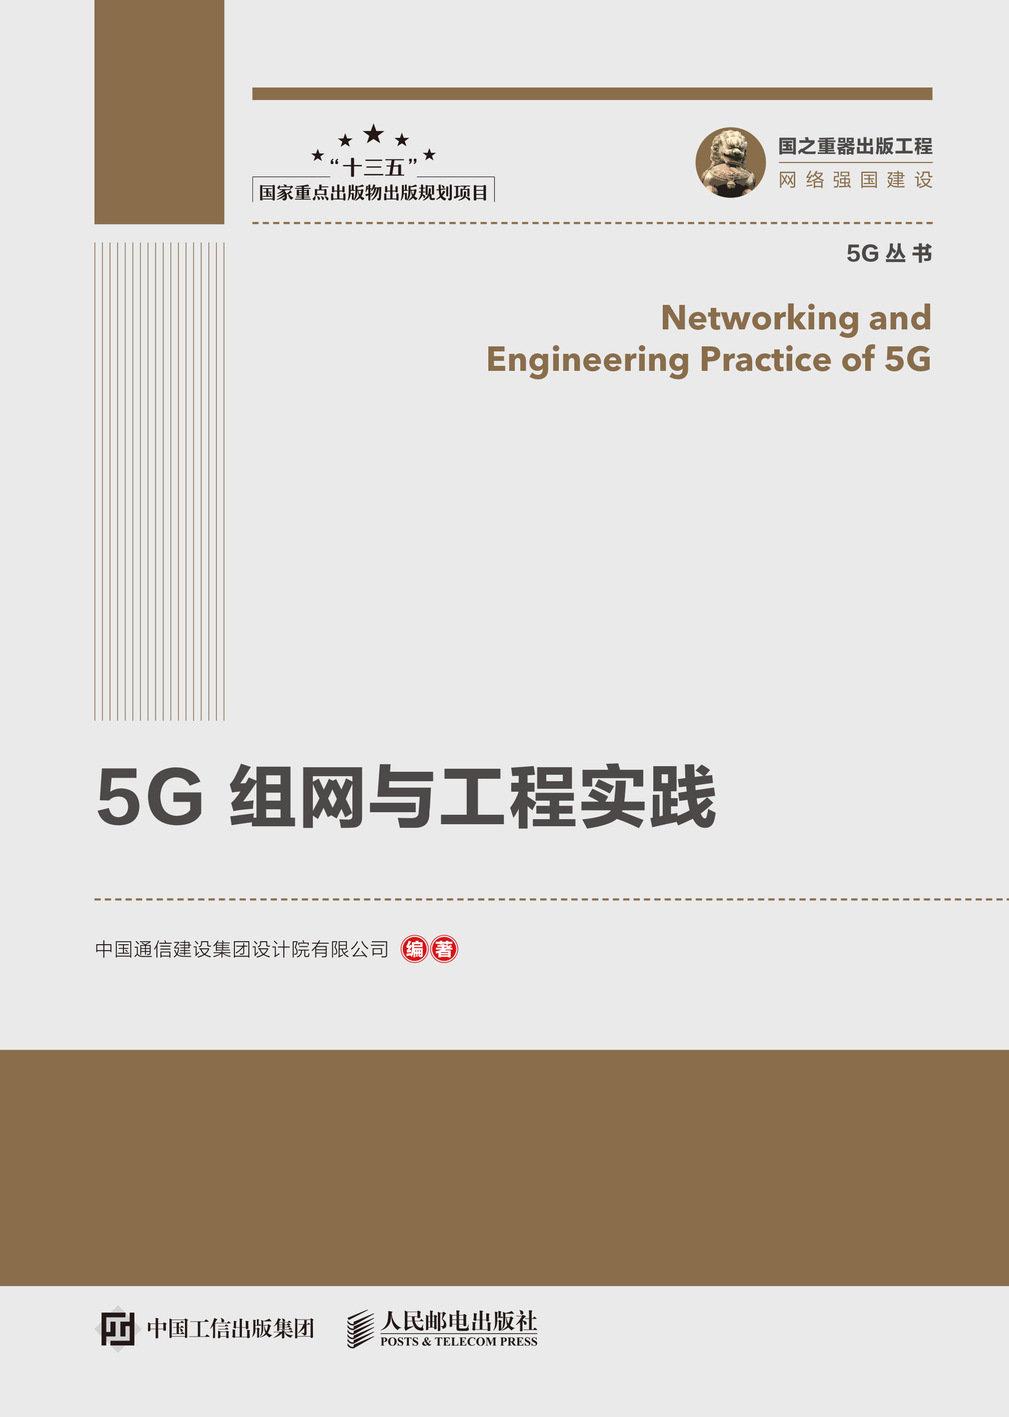 國之重器出版工程 5G組網與工程實踐-preview-1